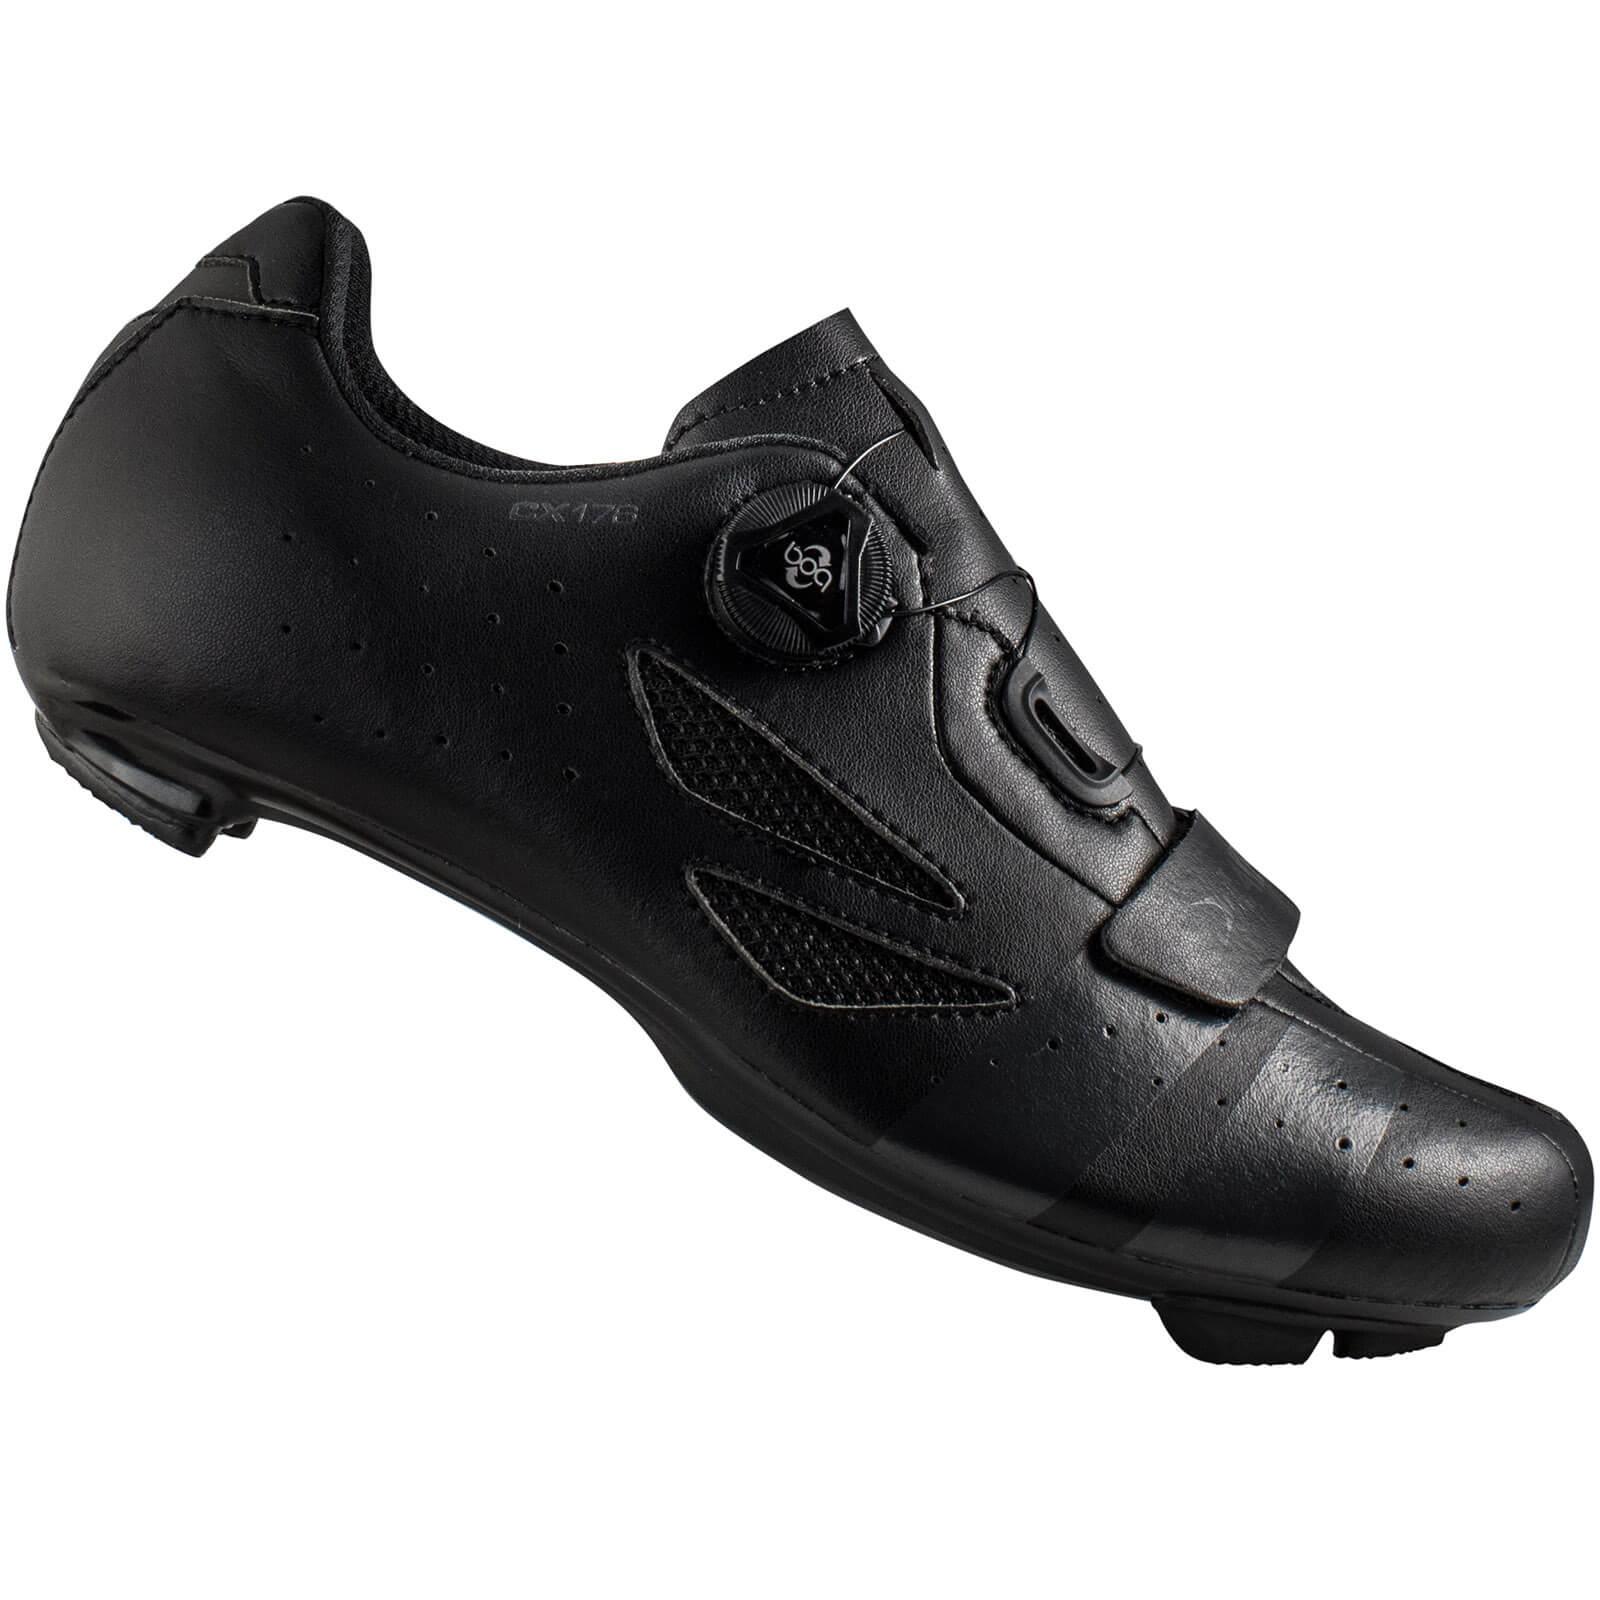 Lake Cx176 Road Shoes - Black/grey - Eu 45